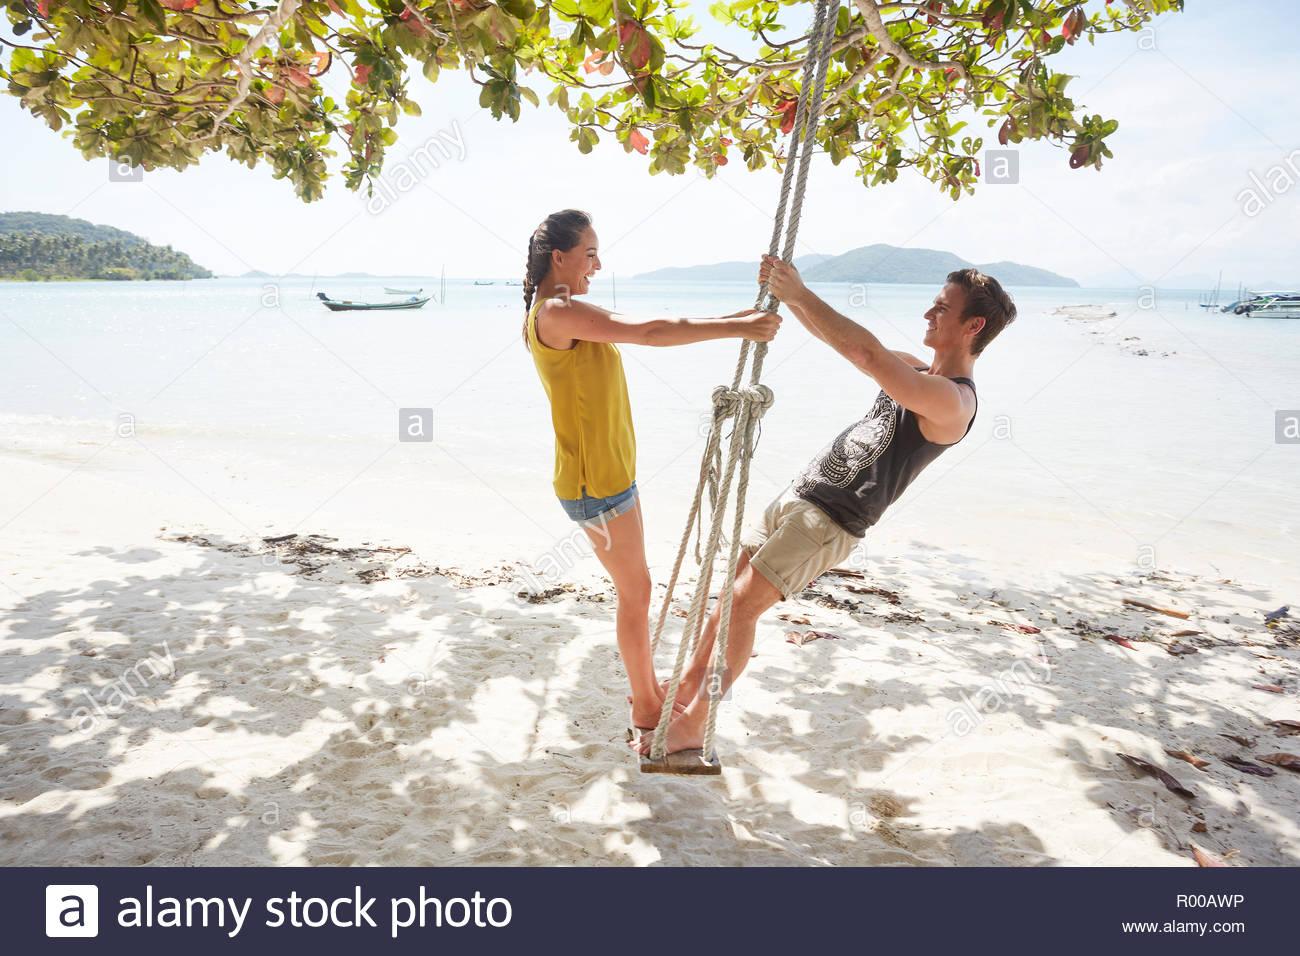 Coppia giovane sulla spiaggia swing Immagini Stock